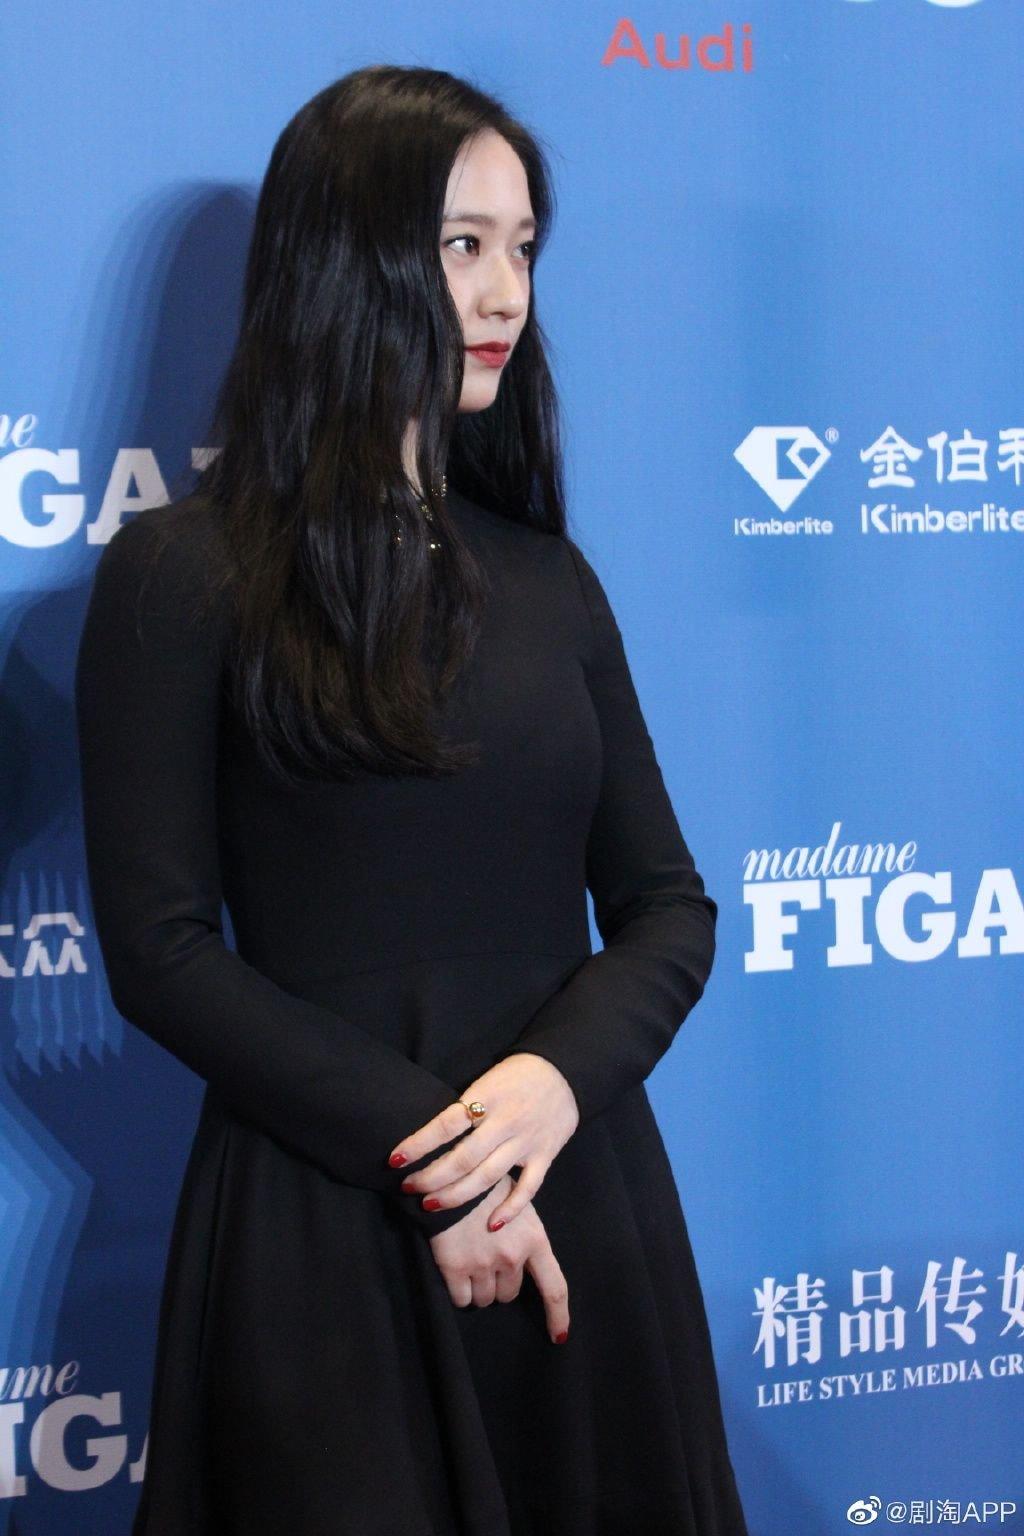 중국 패션행사 참석한 크리스탈(정수정)